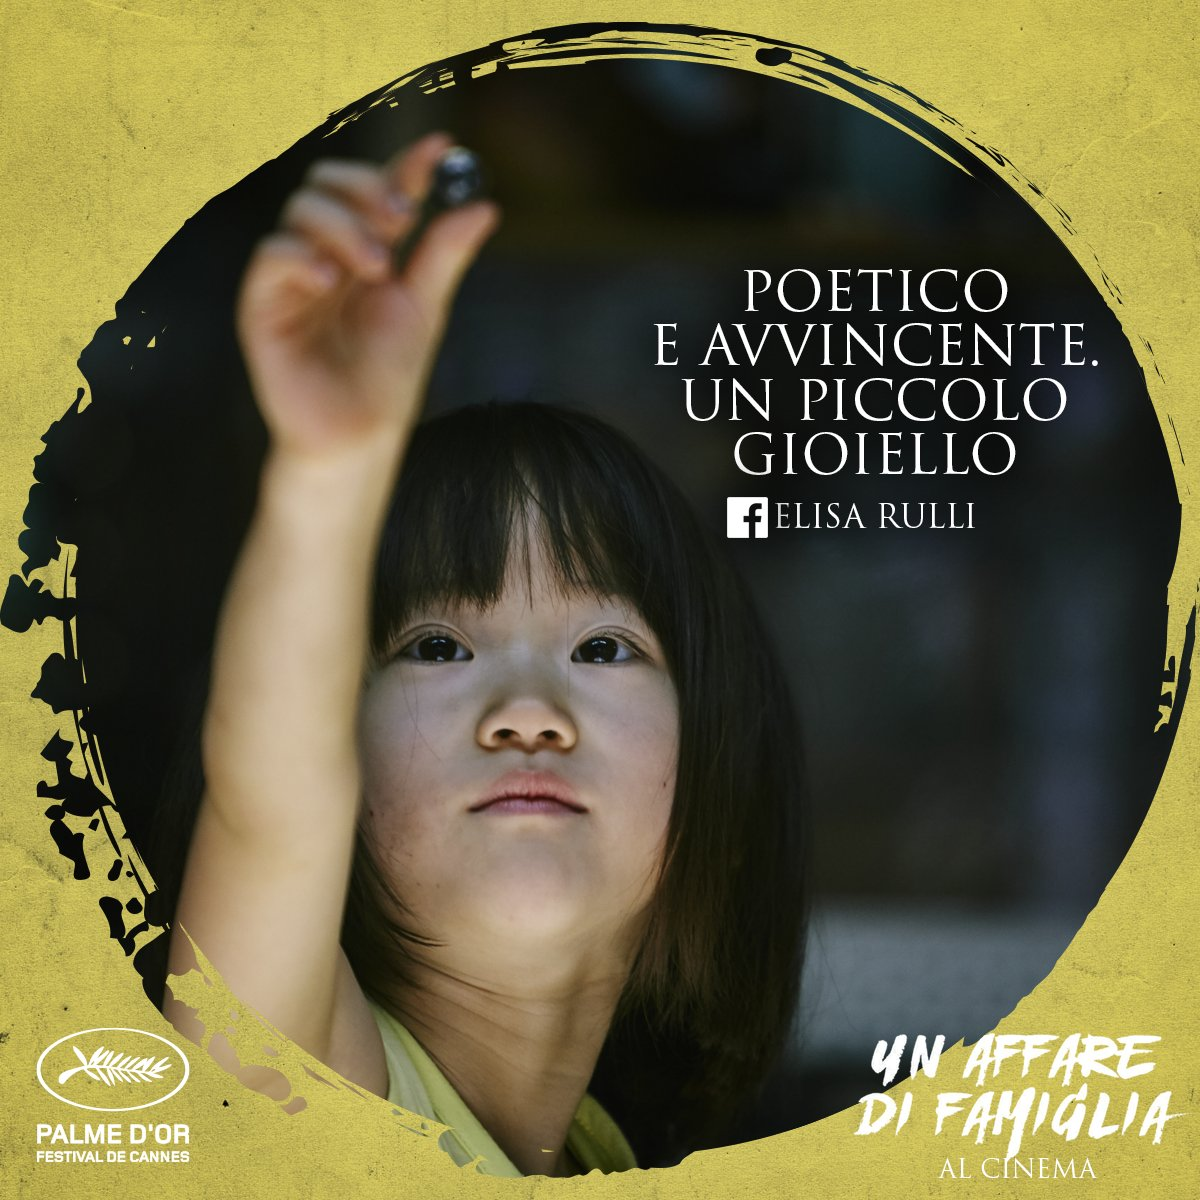 #UnAffareDiFamiglia continua ad emozionare il pubblico! Scoprite dove vedere il film di Kore-eda Hirokazu, vincitore della Palma d'oro a #Cannes18 🎬 ➡ http://bit.ly/2OzfmcW